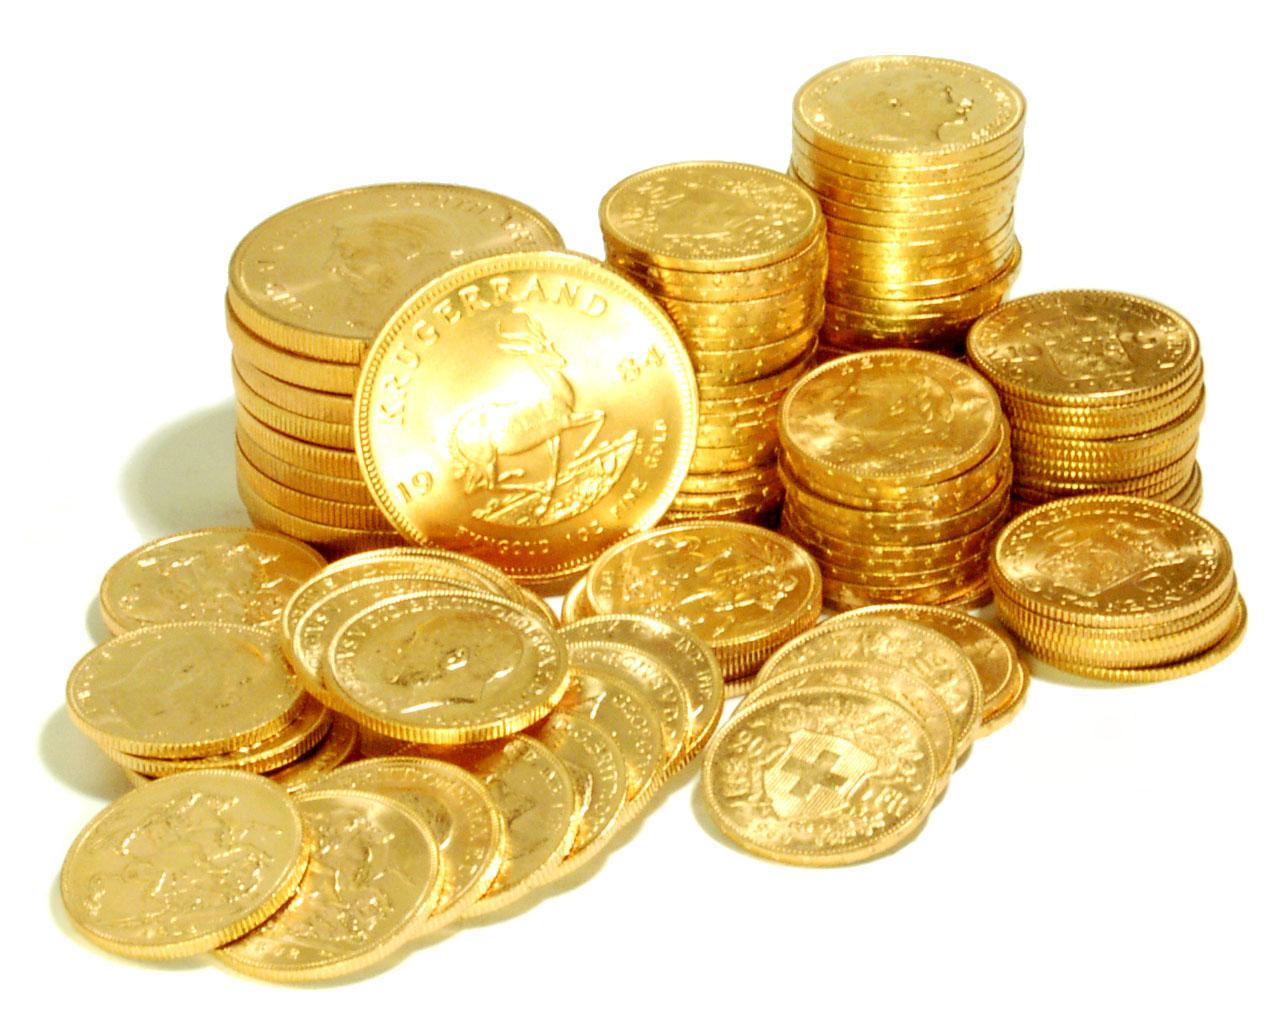 بسته نبض بازار پنجشنبه 16 آذرماه؛ اسپارک سواری در مناطق آزاد چقدر آب میخورد؟/ آخرین تغییرات قیمت سکه و ارز در آخرین روز هفته